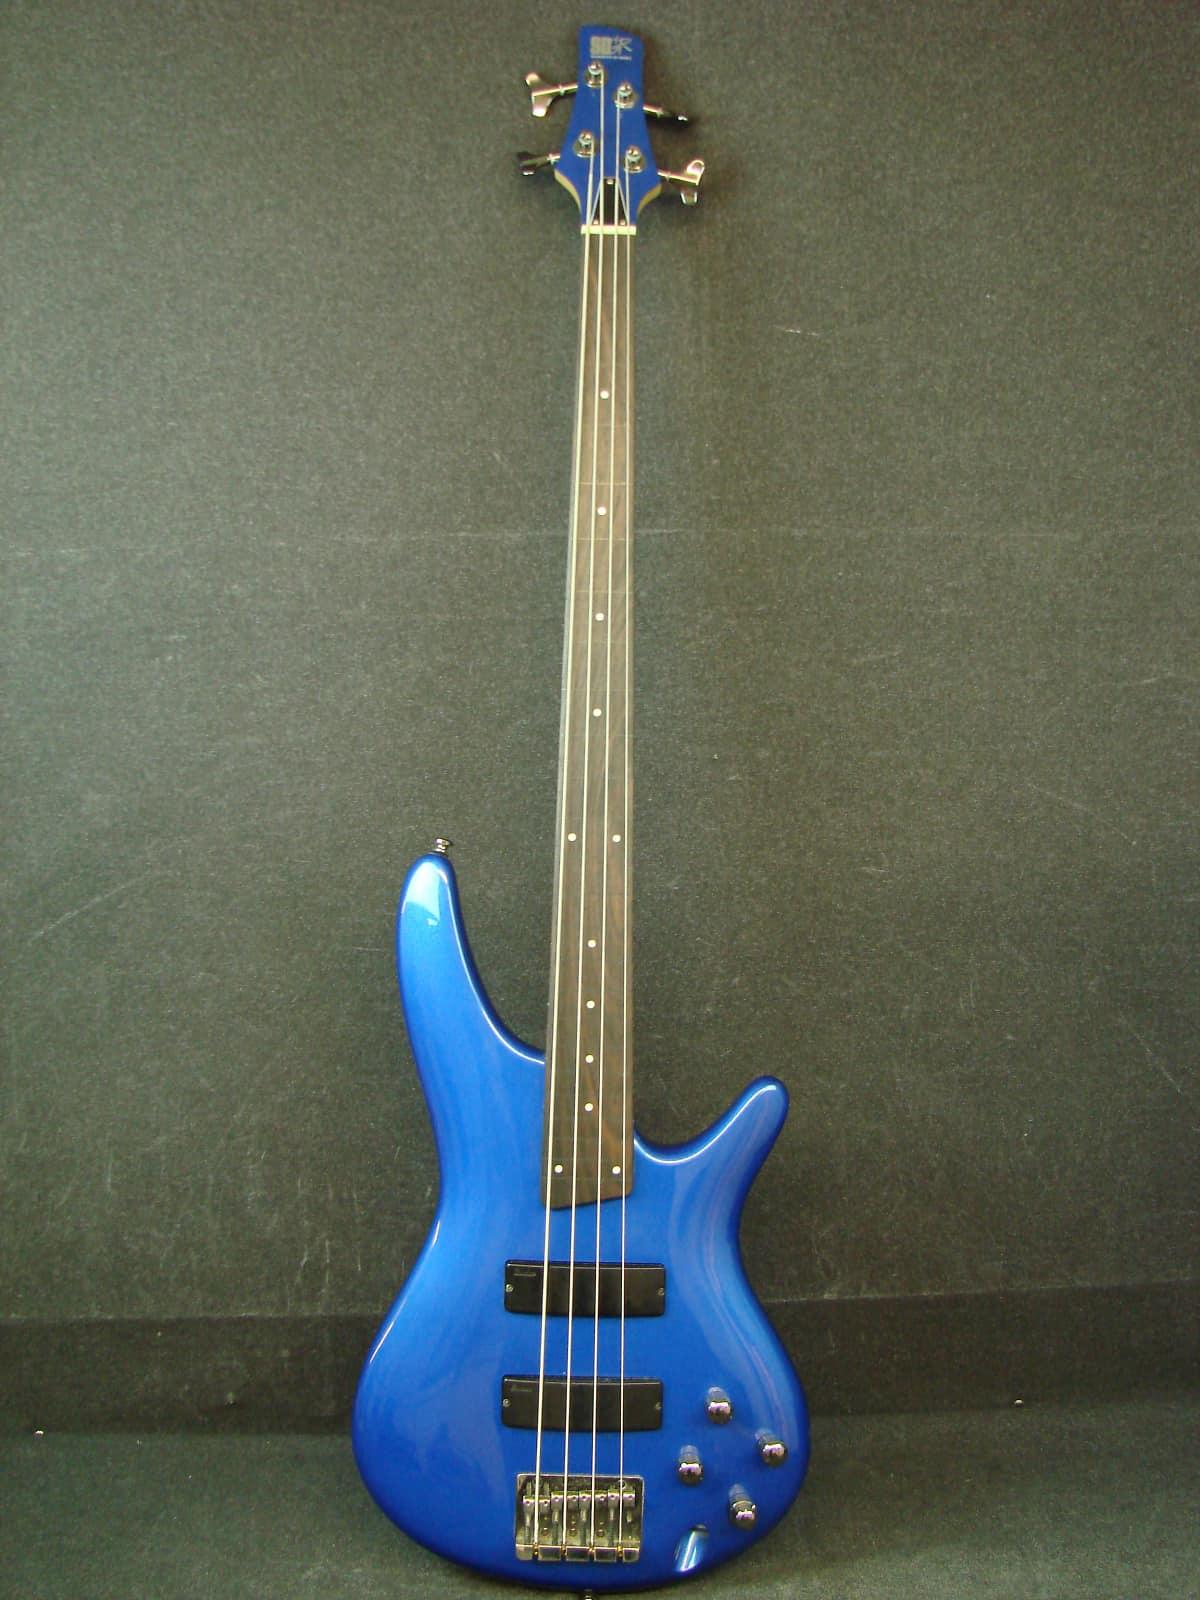 ibanez sr300 fretless 4 string bass guitar w bag matching reverb. Black Bedroom Furniture Sets. Home Design Ideas